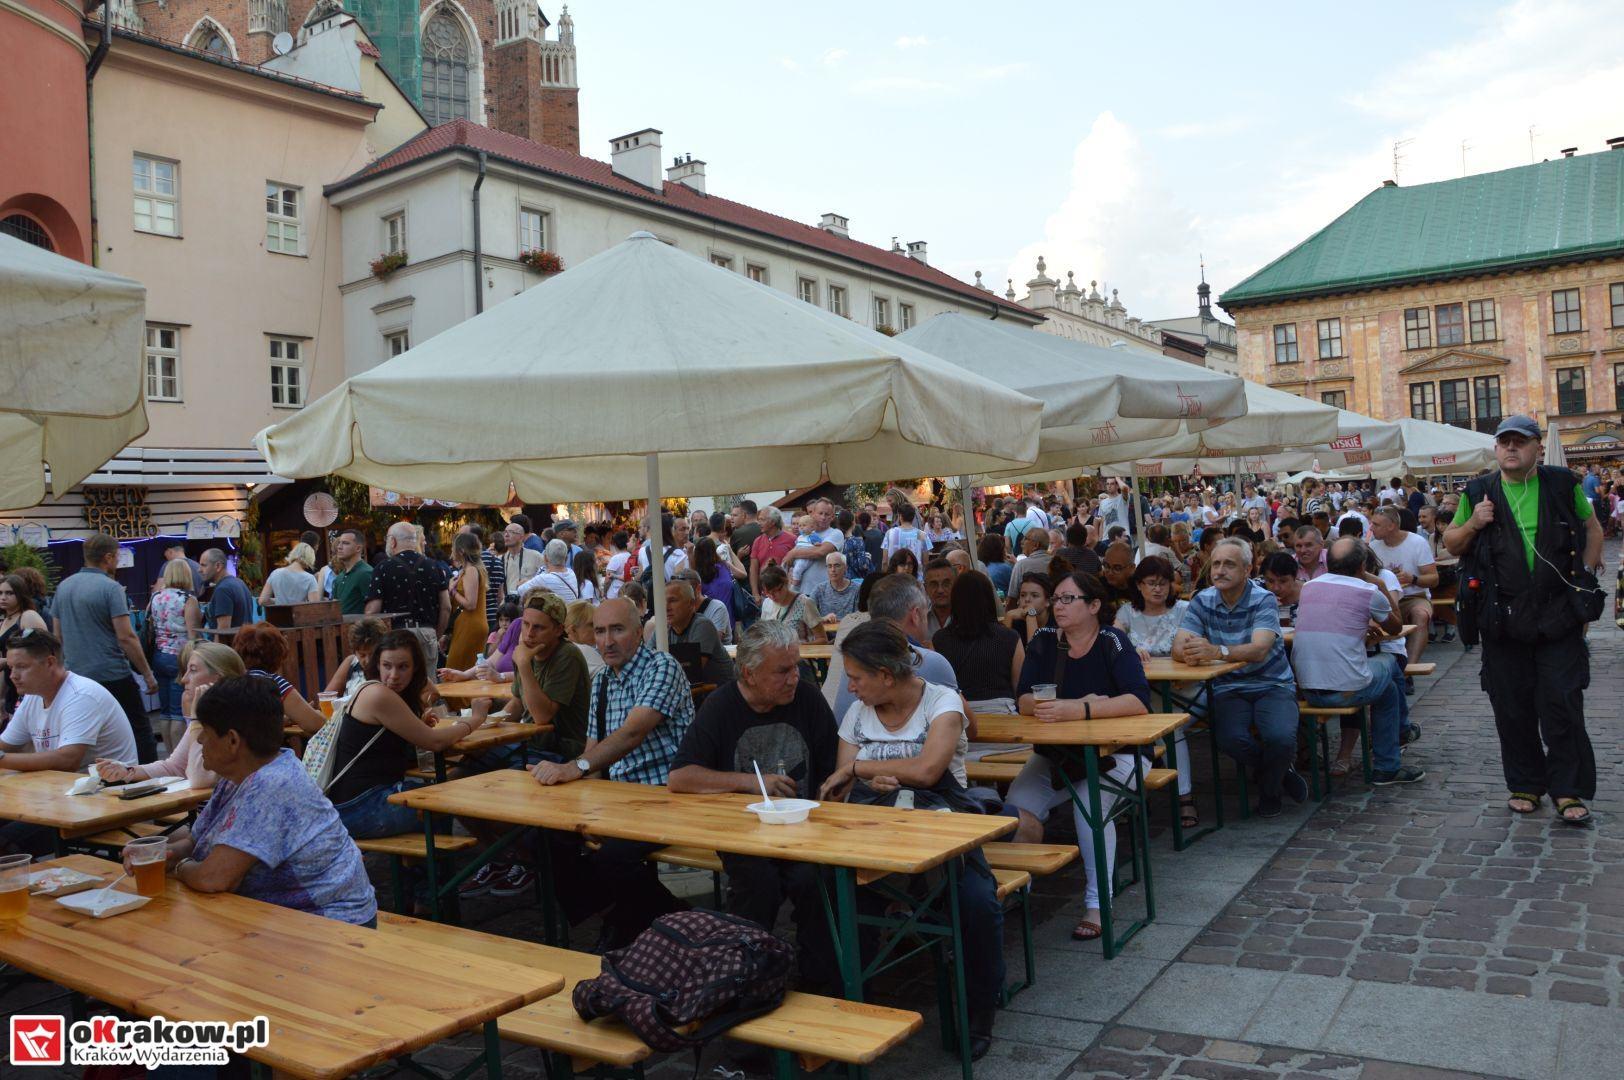 krakow festiwal pierogow maly rynek koncert cheap tobacco 130 150x150 - Galeria zdjęć Festiwal Pierogów Kraków 2018 + zdjęcia z koncertu Cheap Tobacco